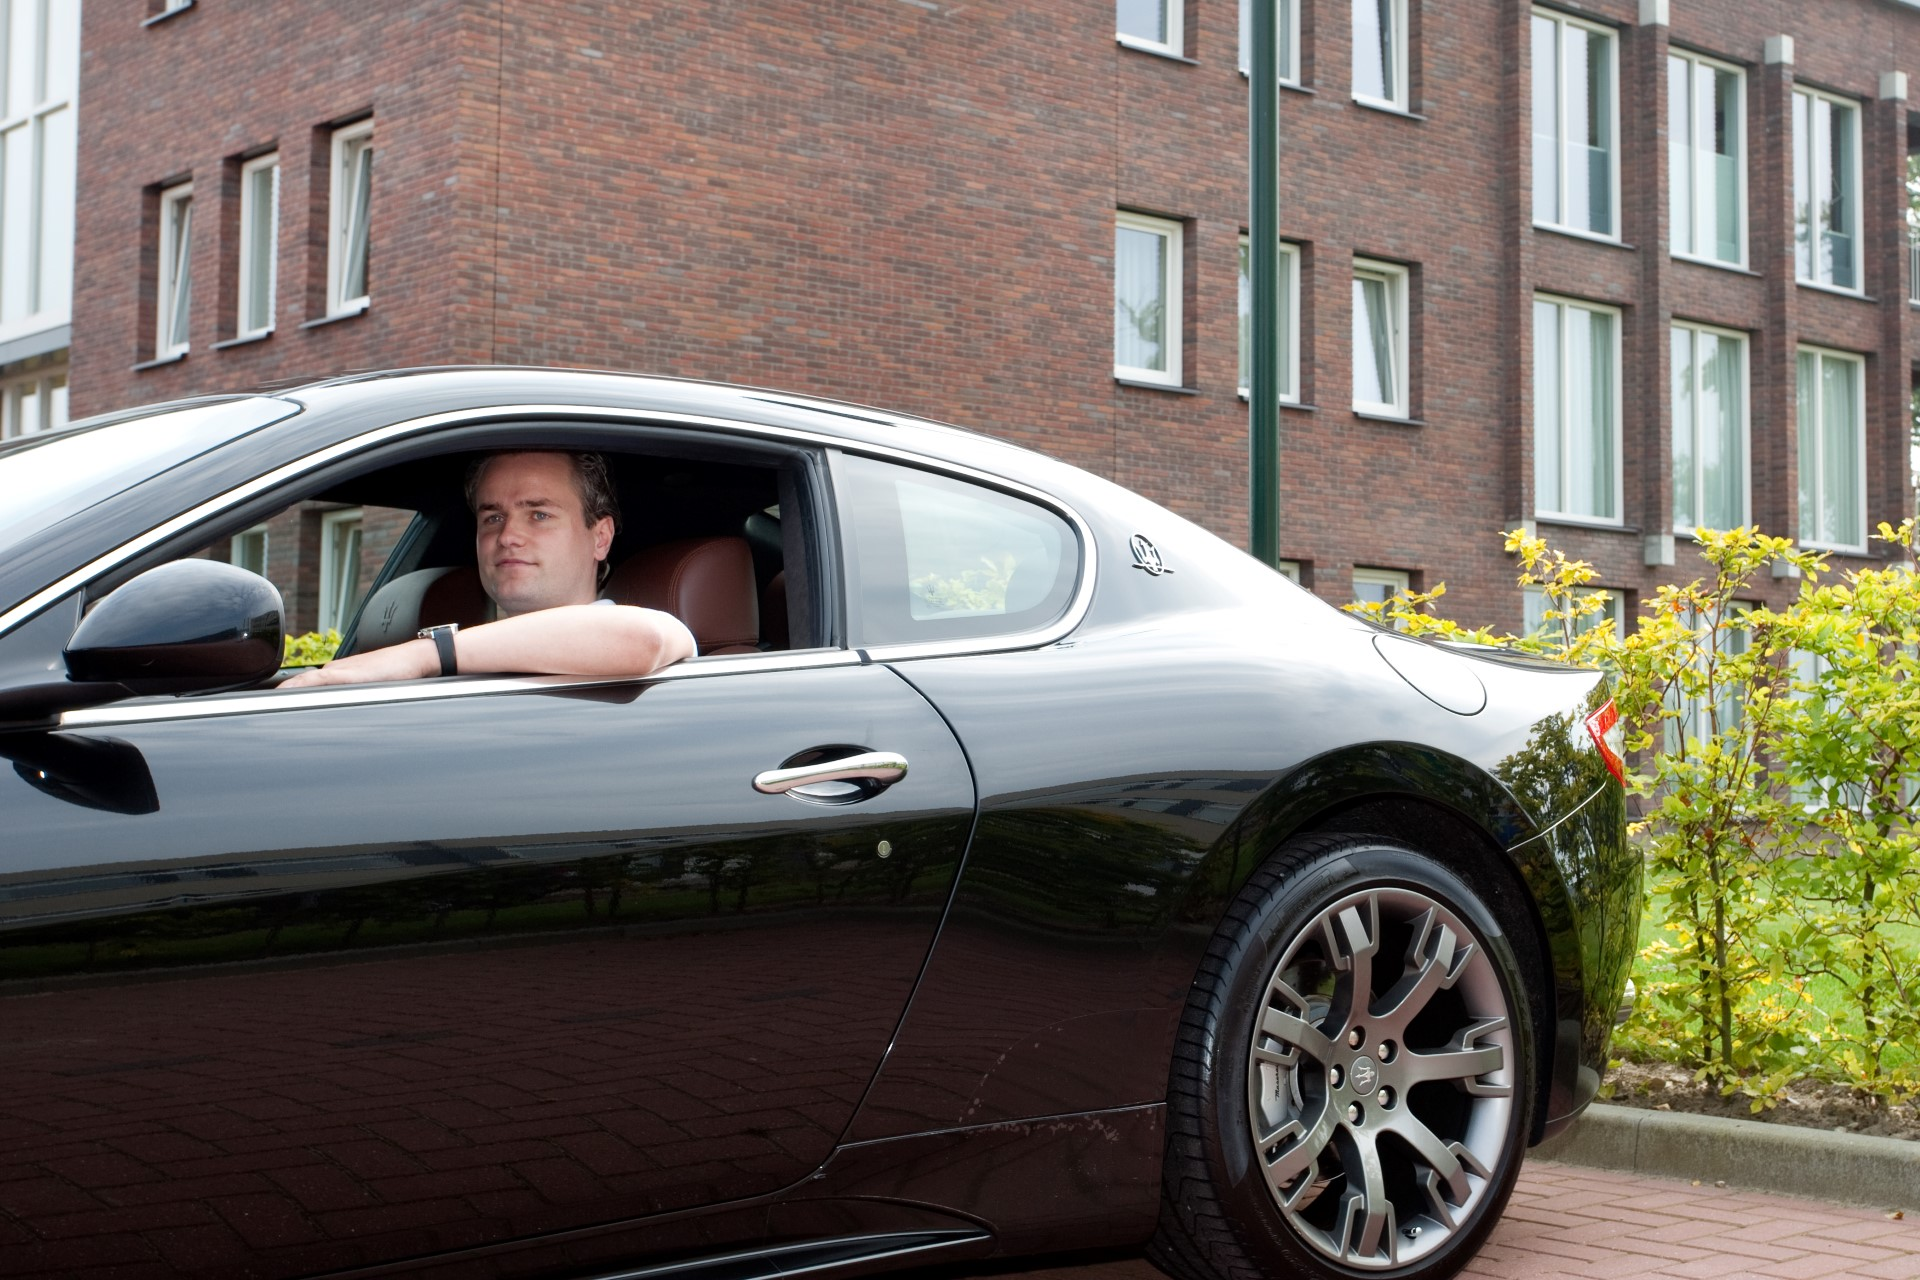 Mijn favoriete plek? De parkeerplaats, ik heb net een nieuwe auto! (VROEM)